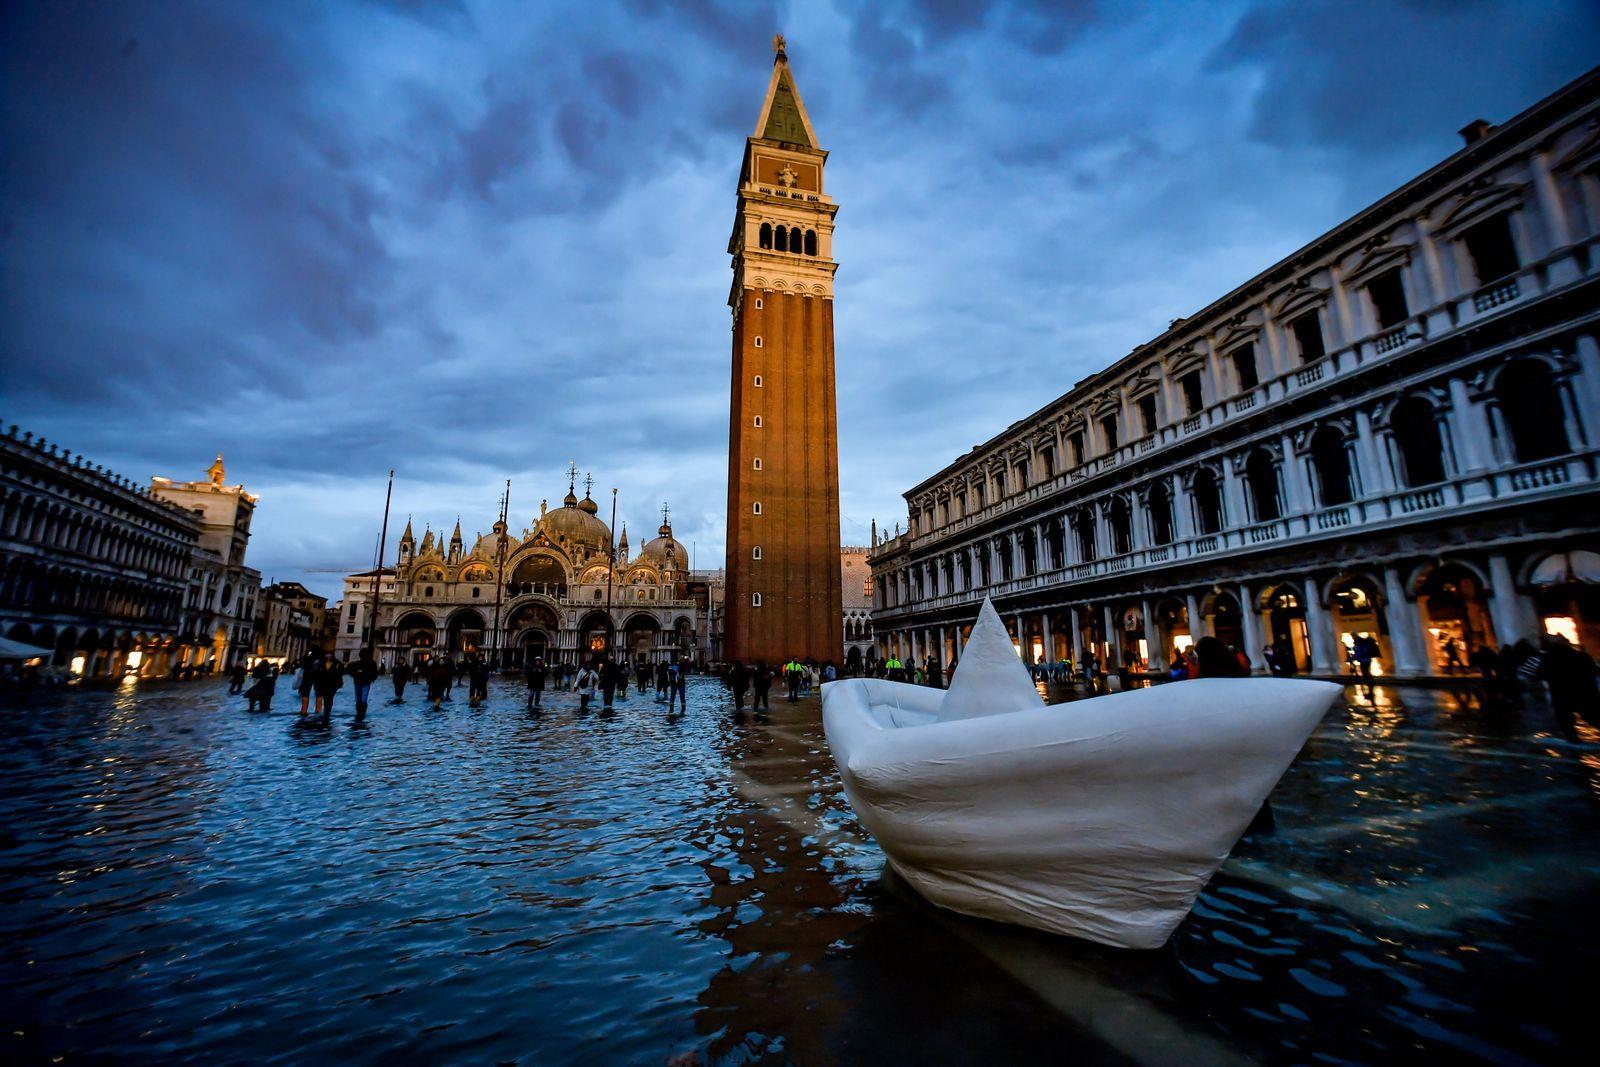 Überschwemmungen in Venedig 2019